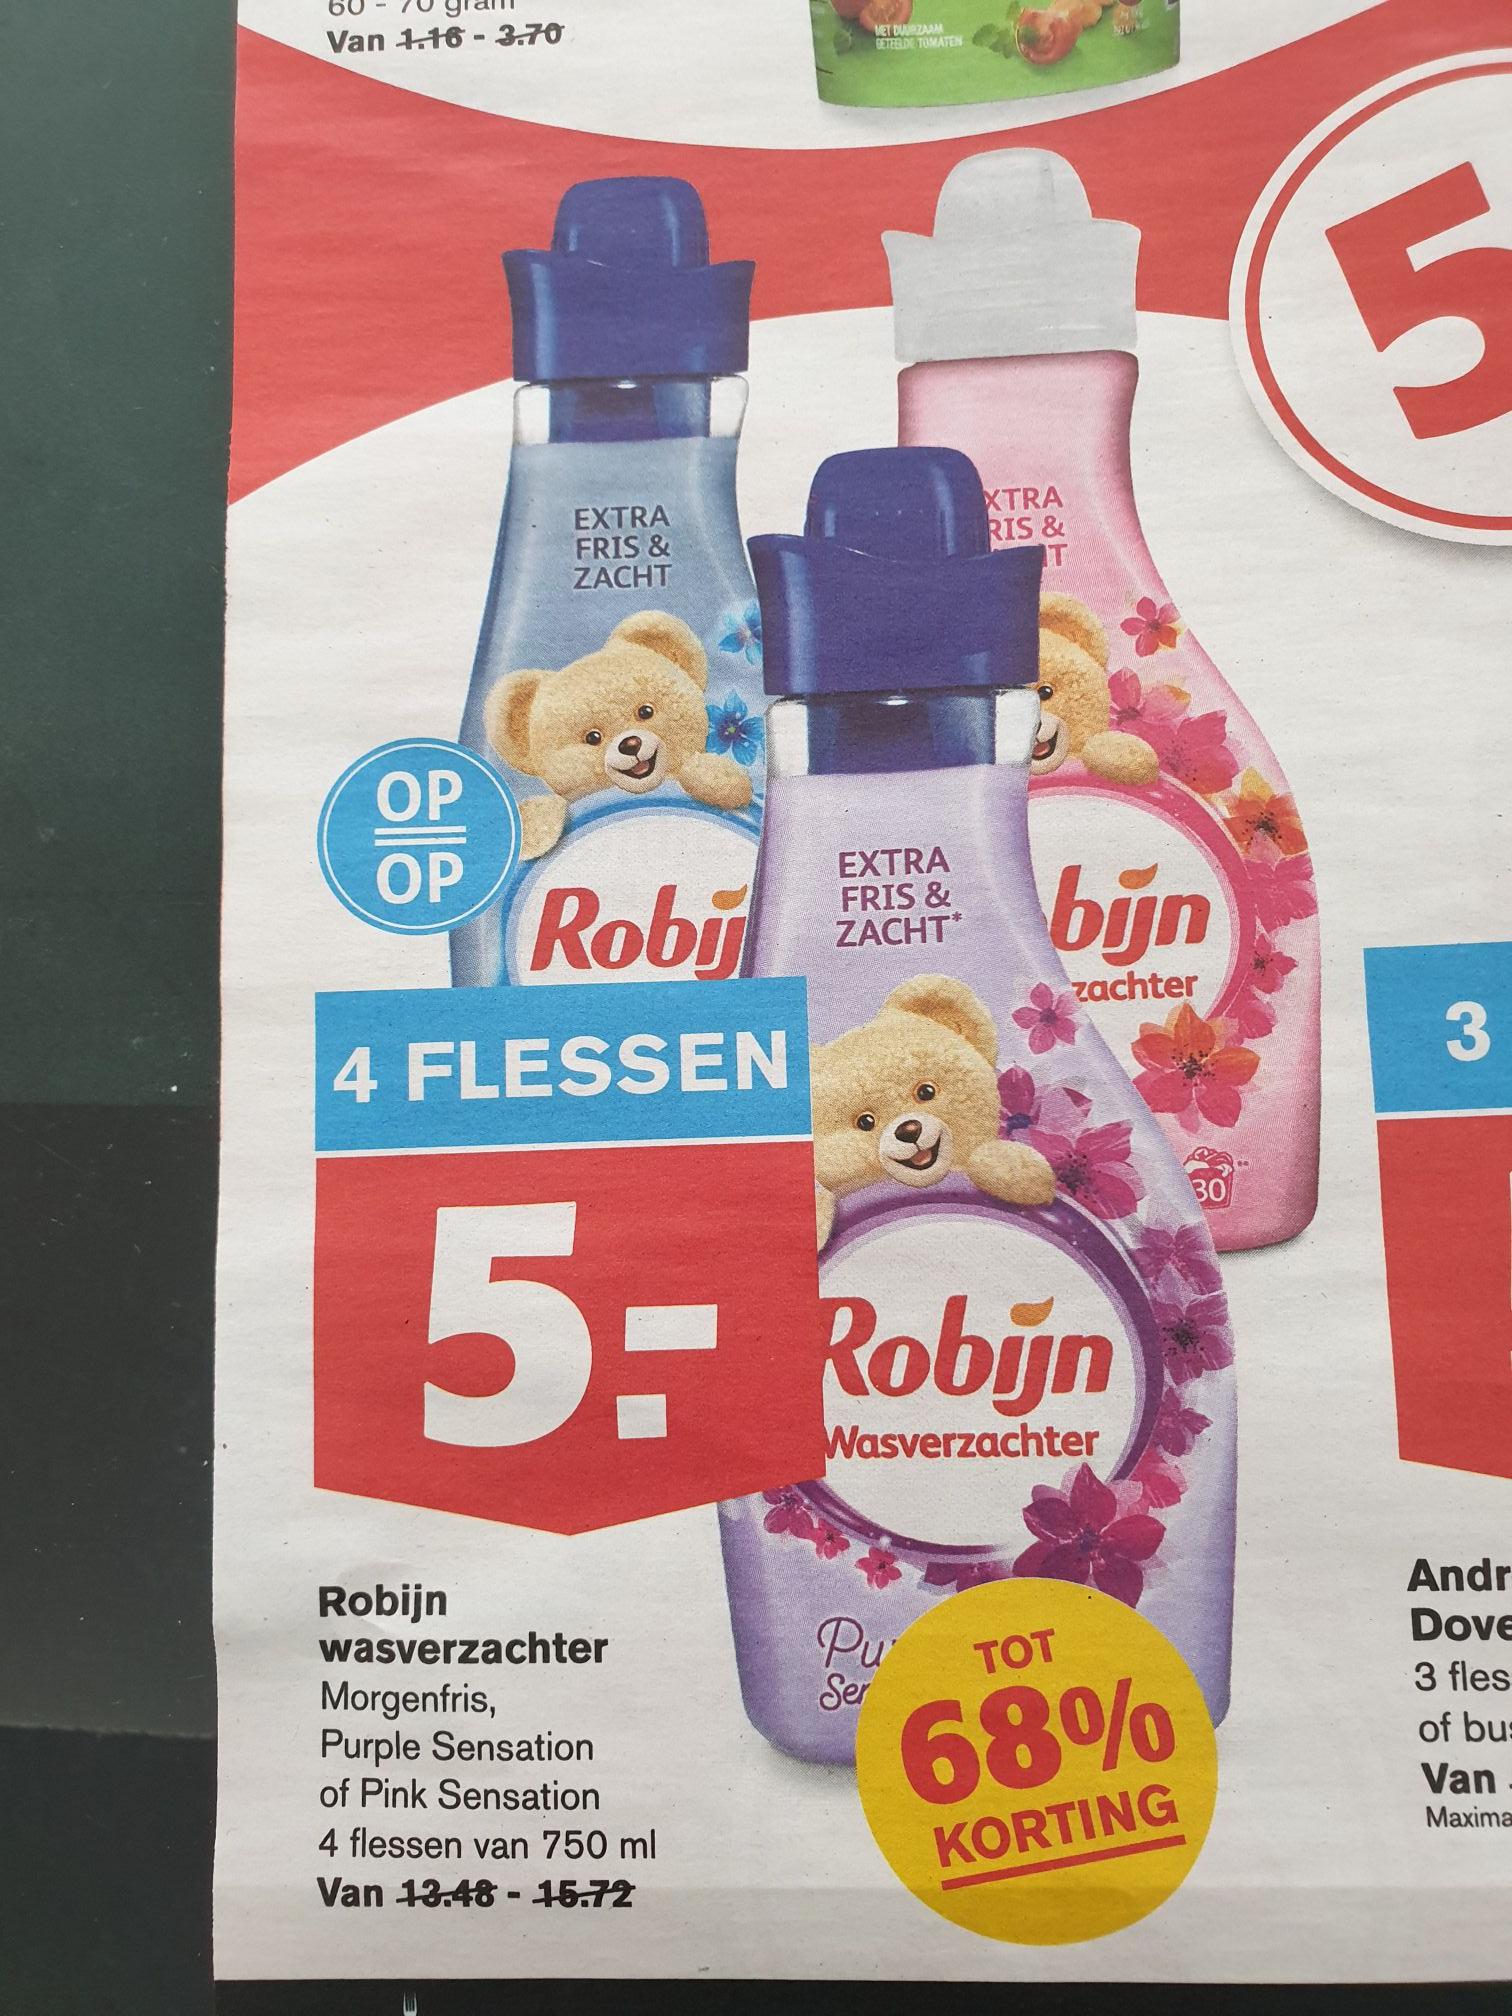 Robijn wasverzachter 4 flessen voor 5 euro bij Hoogvliet!